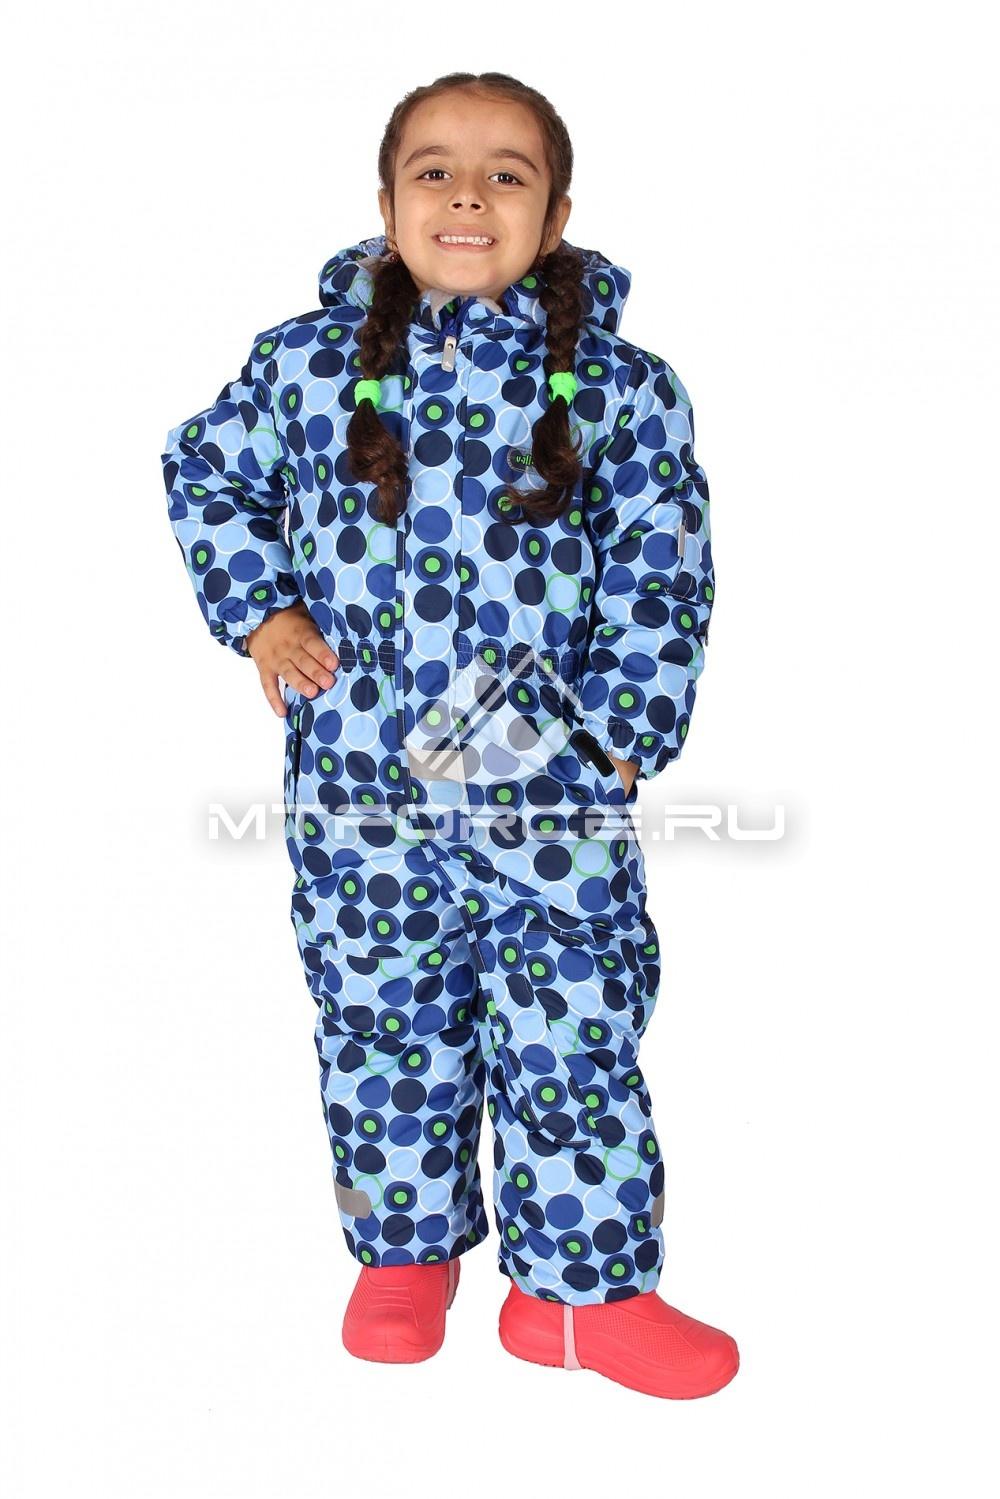 Купить                                  оптом Комбинезон горнолыжный детский синего цвета 6102S